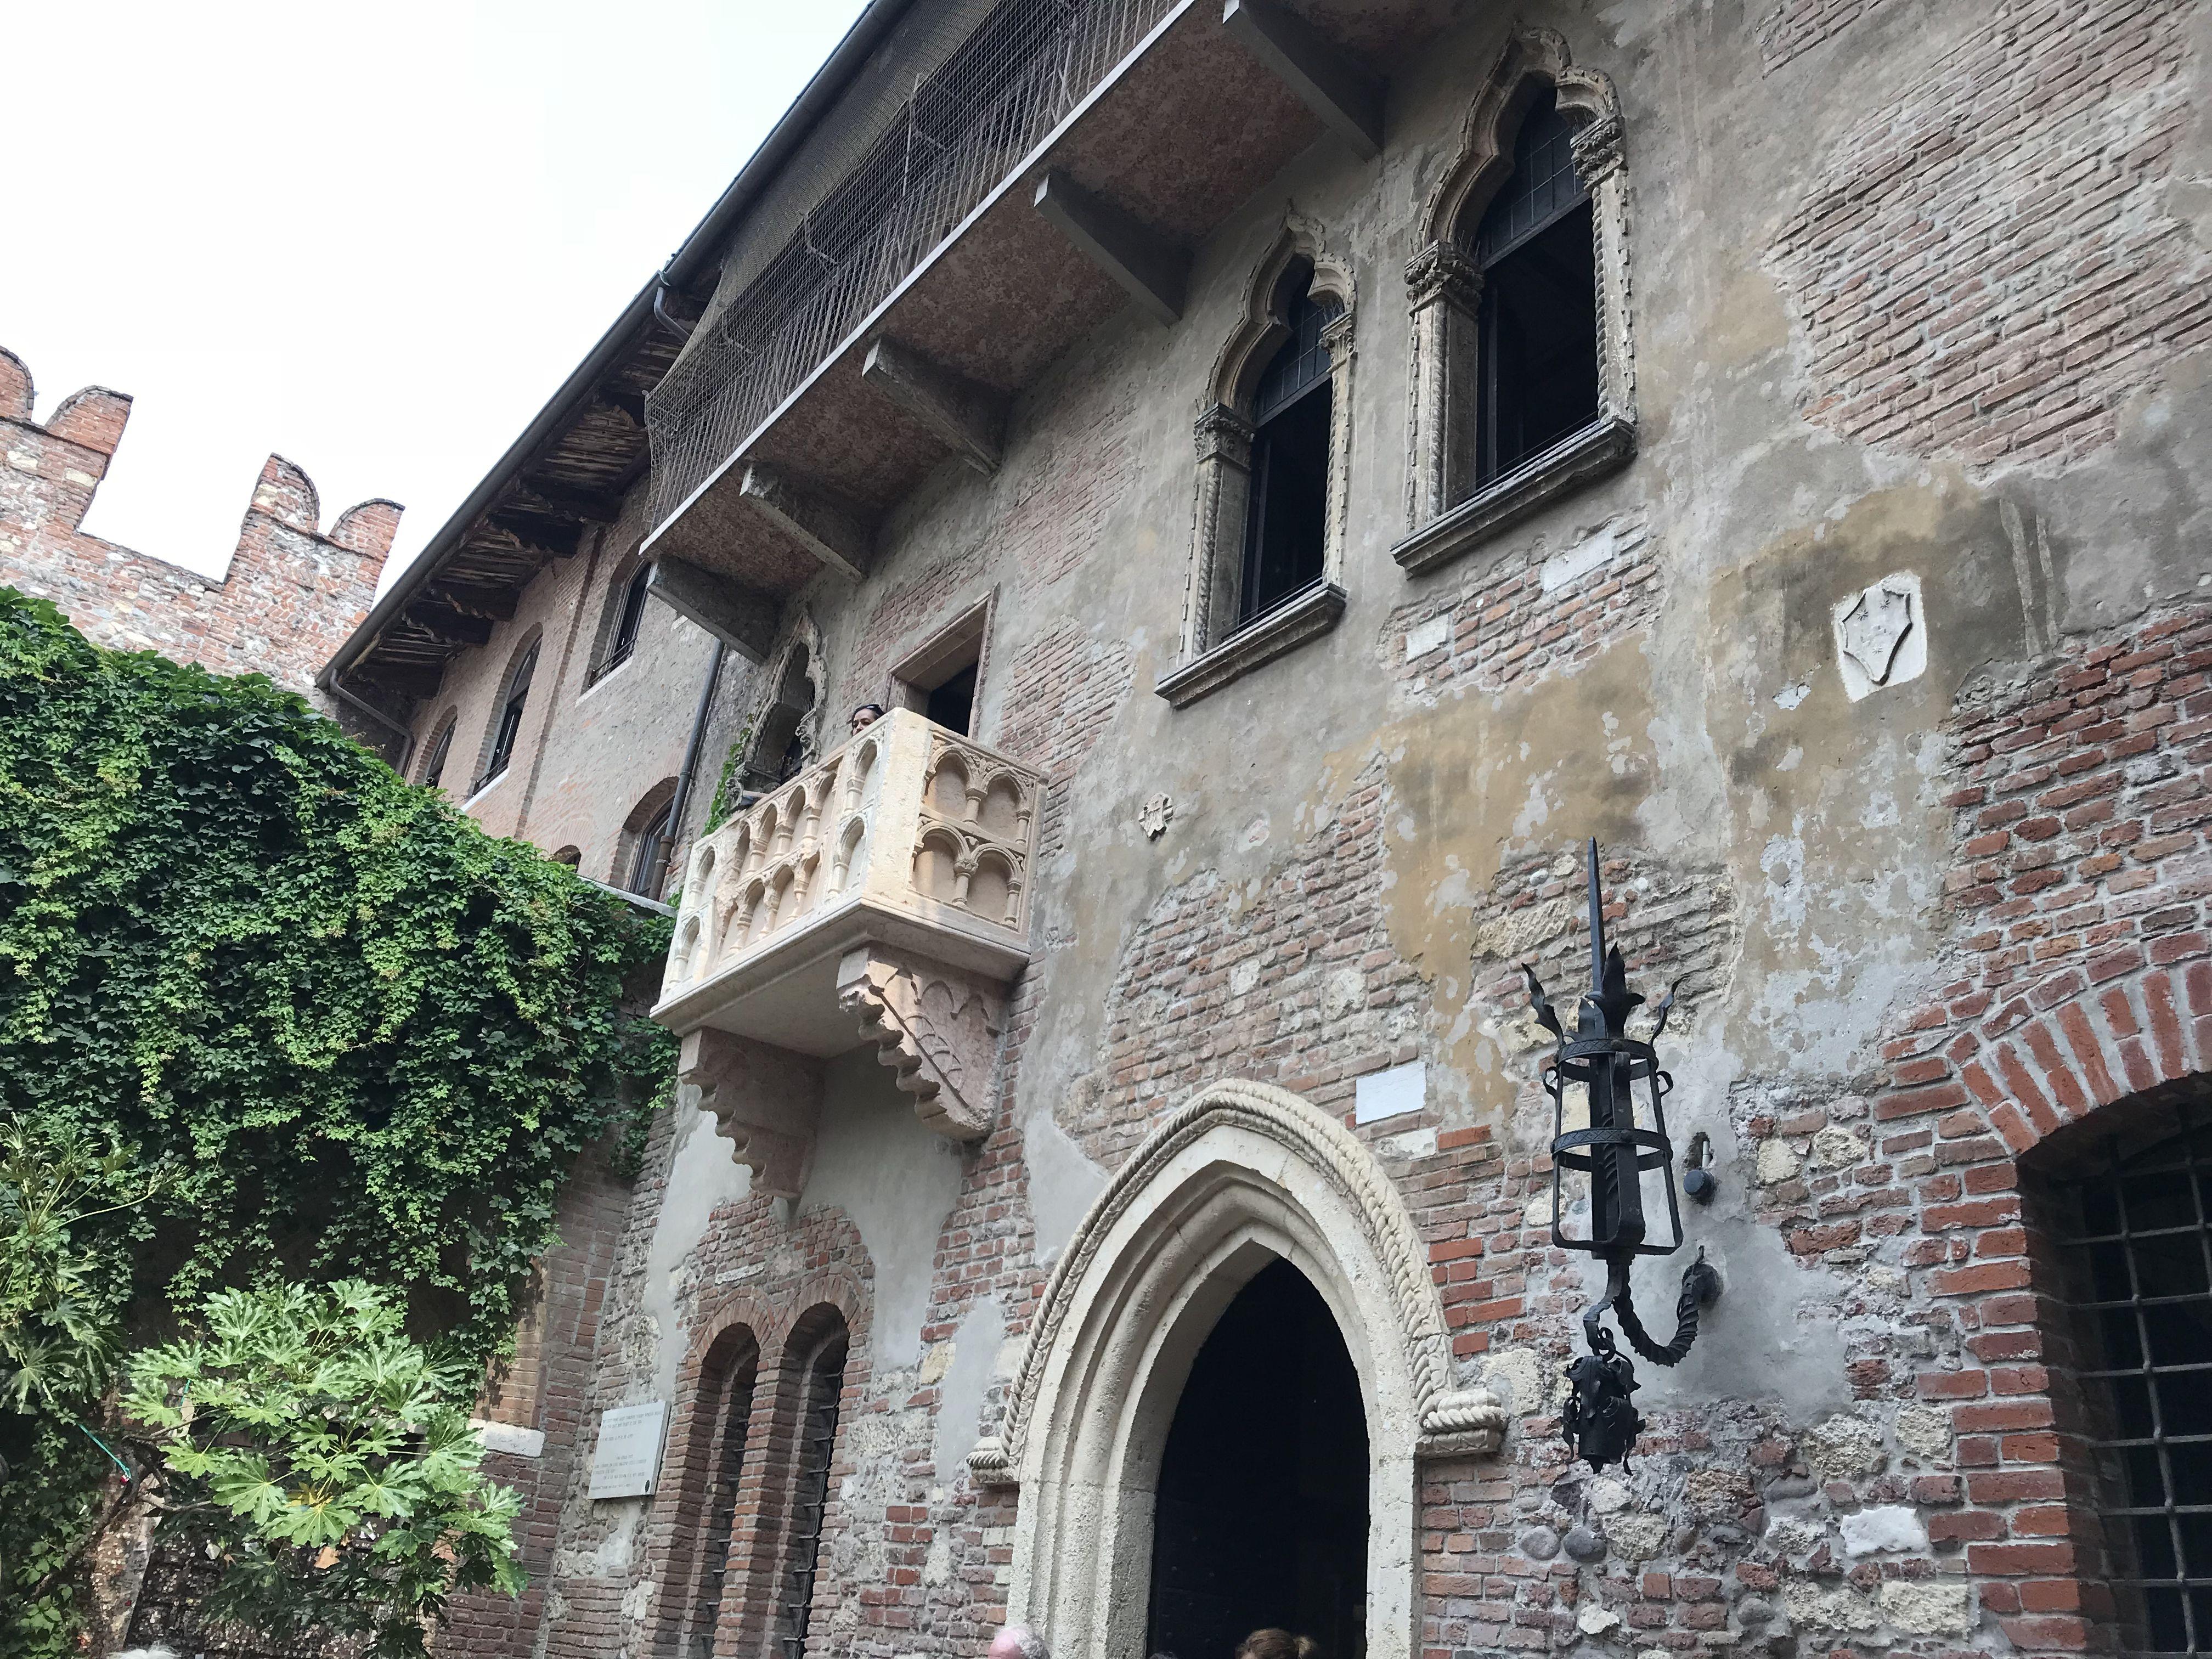 Juliets Balcony, Romeo & Juliet, Verona, Italy | Travel